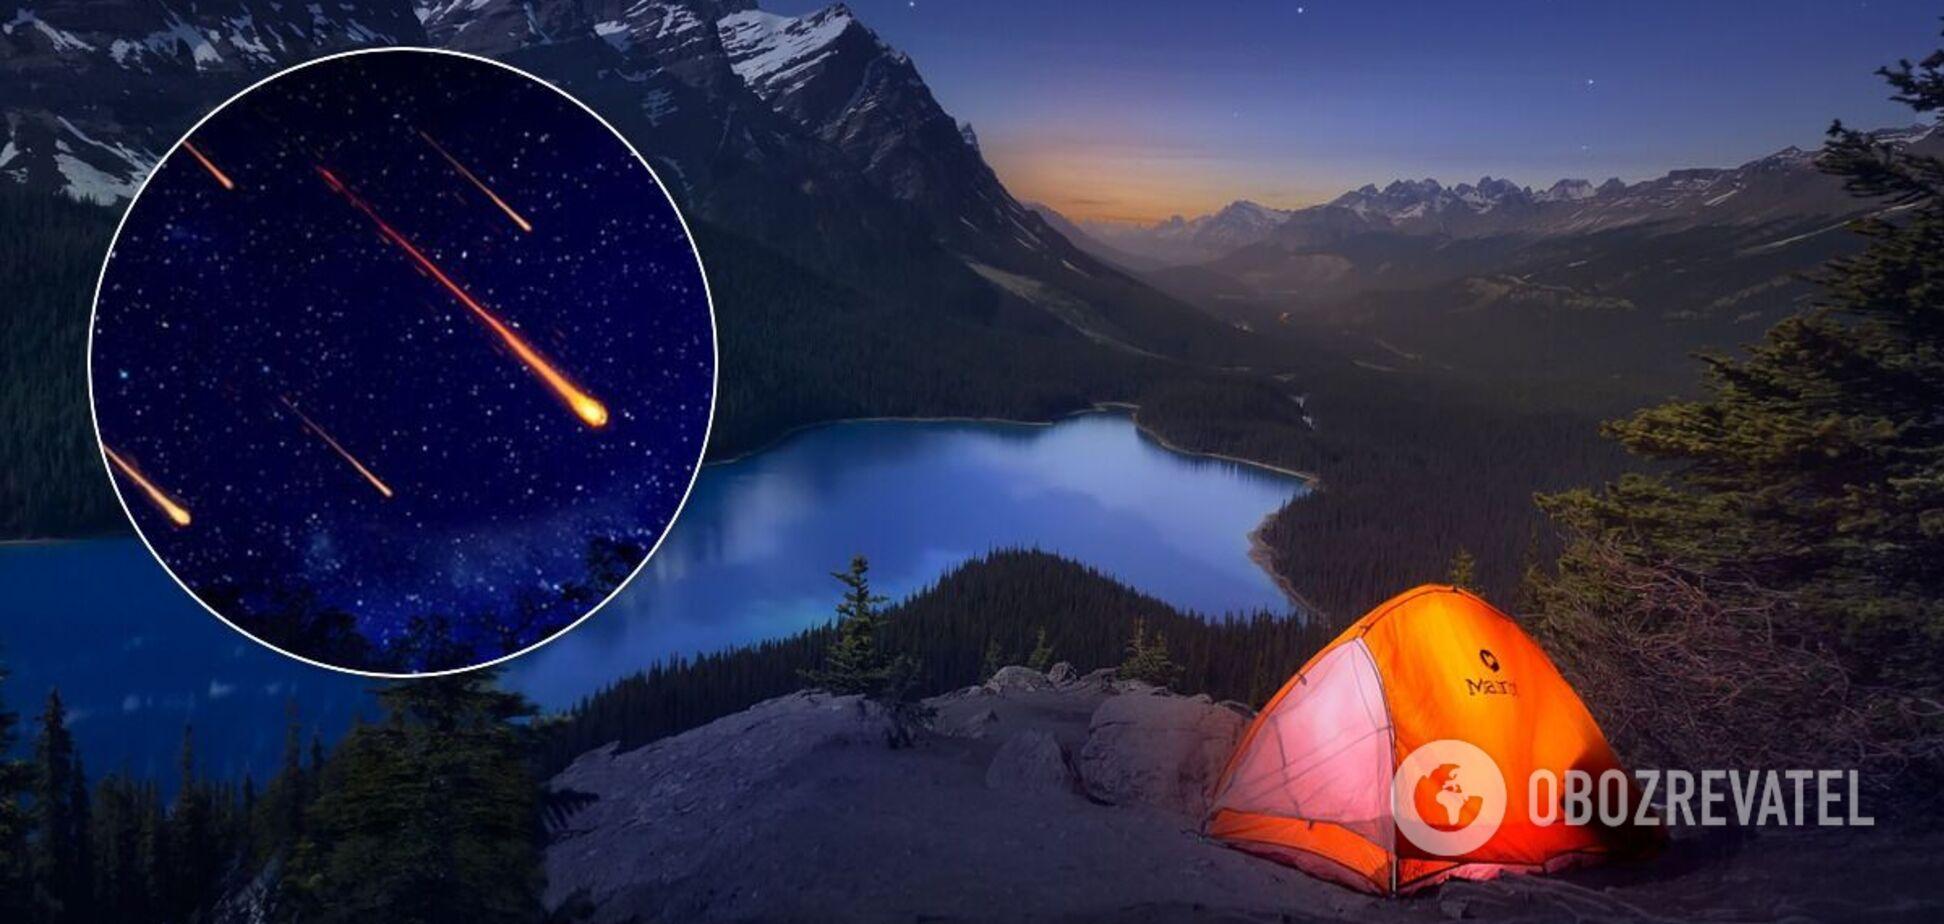 Падающие звезды исполнят желания: астролог назвал способ